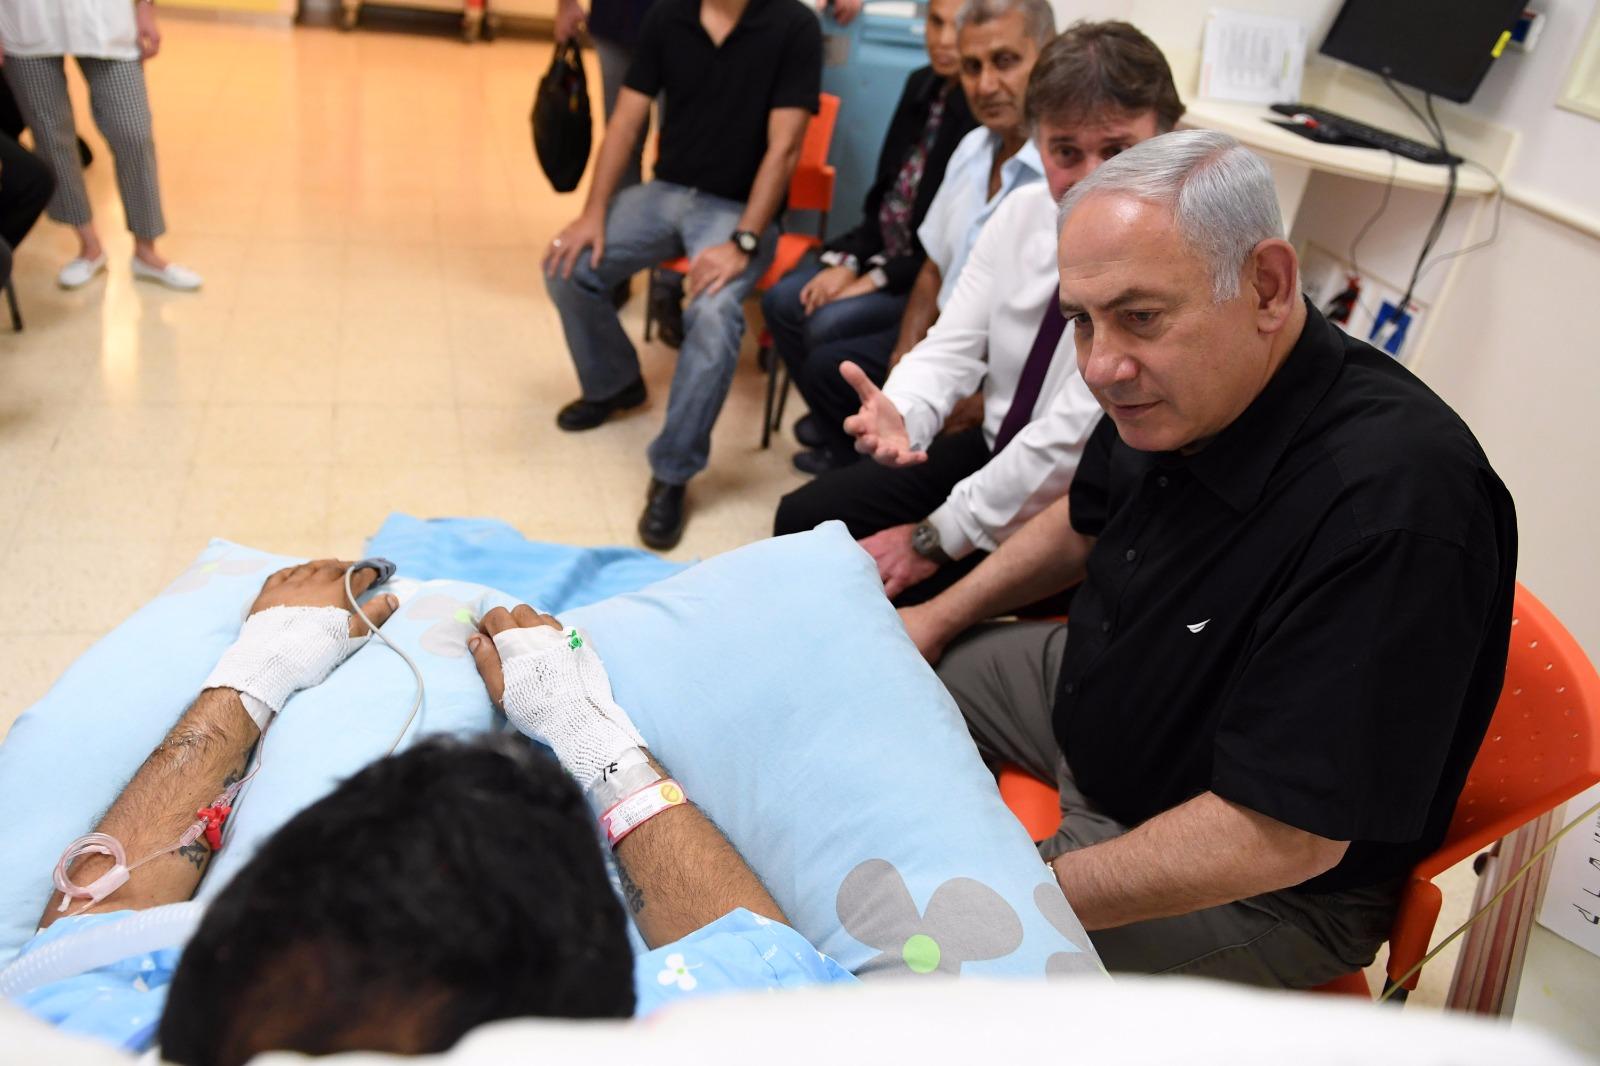 ראש הממשלה ביקר את ניב שנפצע בפיגוע הדקירה בנתיבות